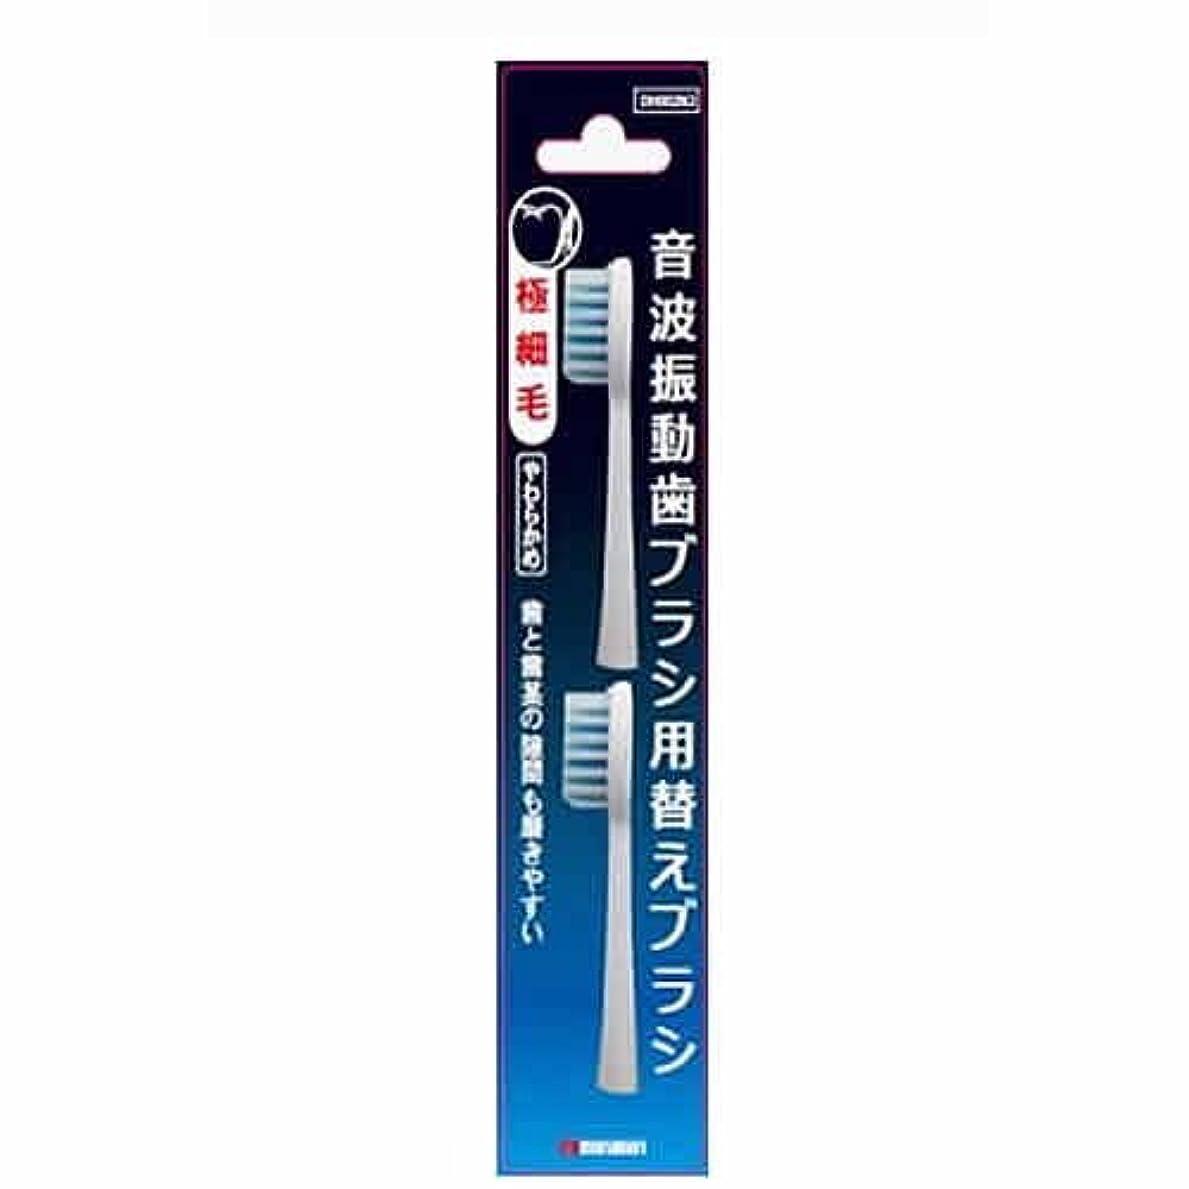 分析するモバイルしなやかな【まとめ買い】マルマン 電動歯ブラシ ミニモ/プロソニック1/プロソニック2/プロソニック3 対応 替えブラシ 極細毛 DK002N2 2本組 ×3個